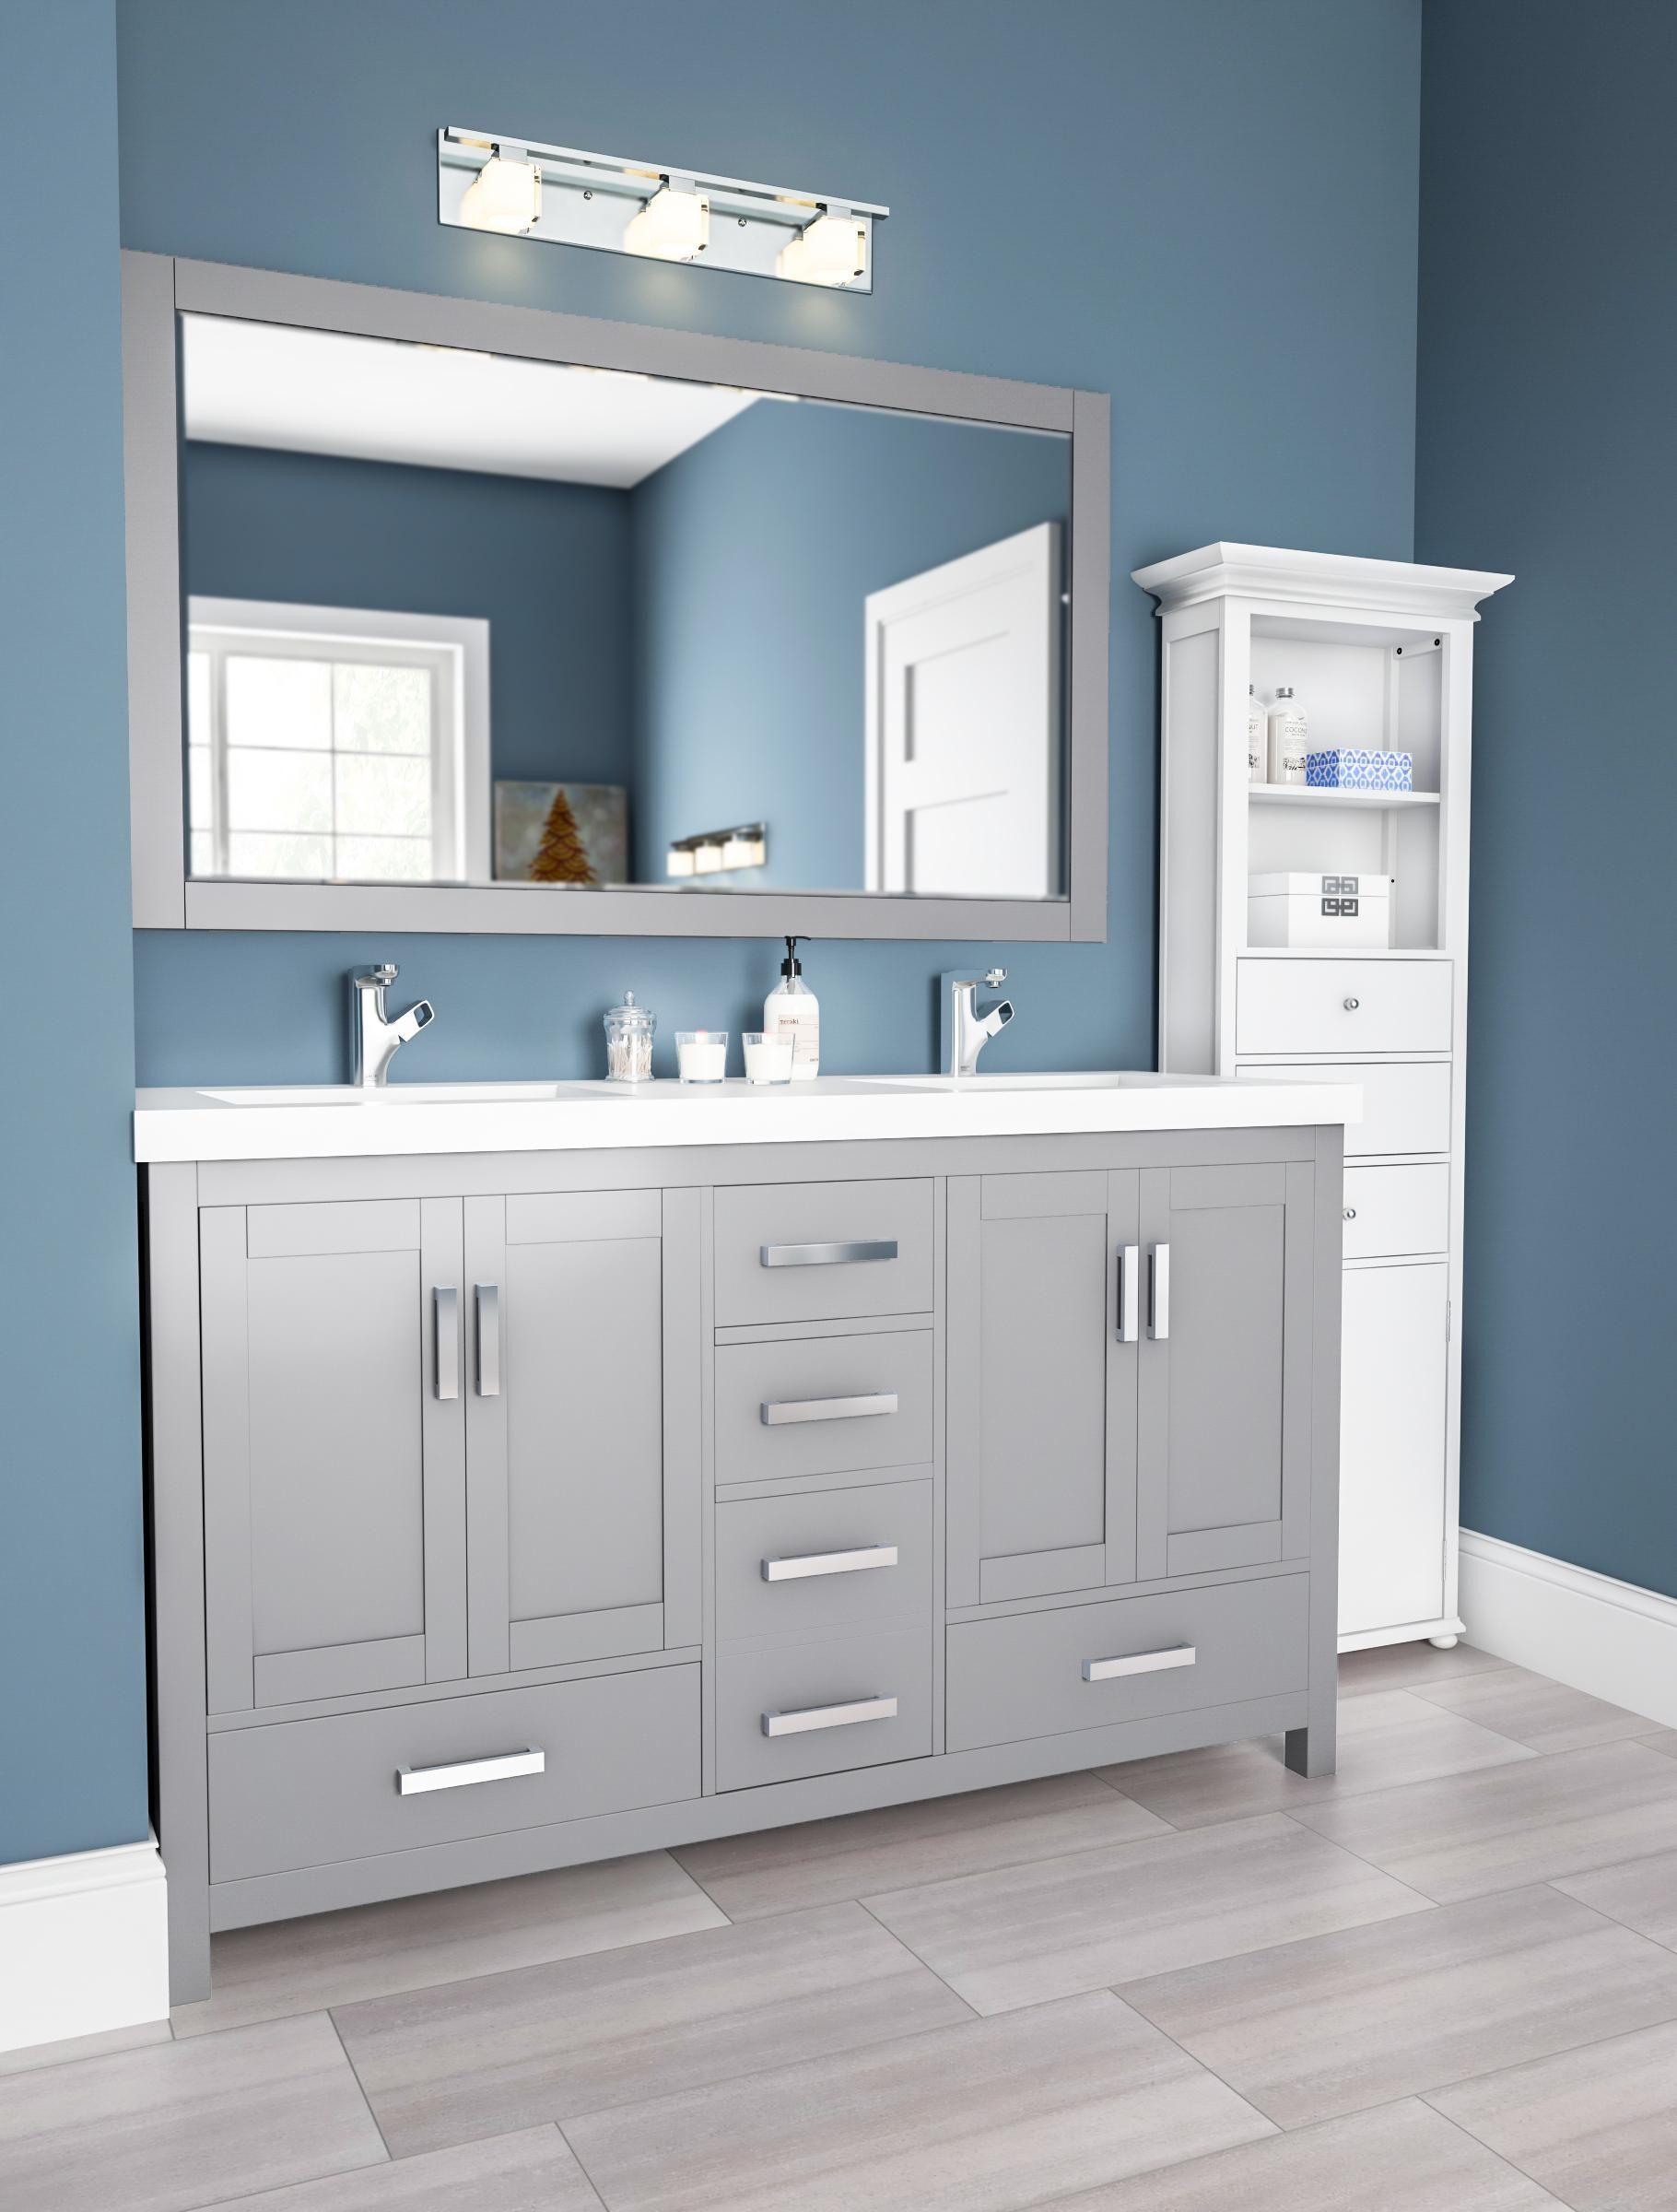 Sleek Gray And Blue Bathroom Vanity Area Bathroom Vanity Decor Yellow Bathroom Decor Farmhouse Bathroom Vanity